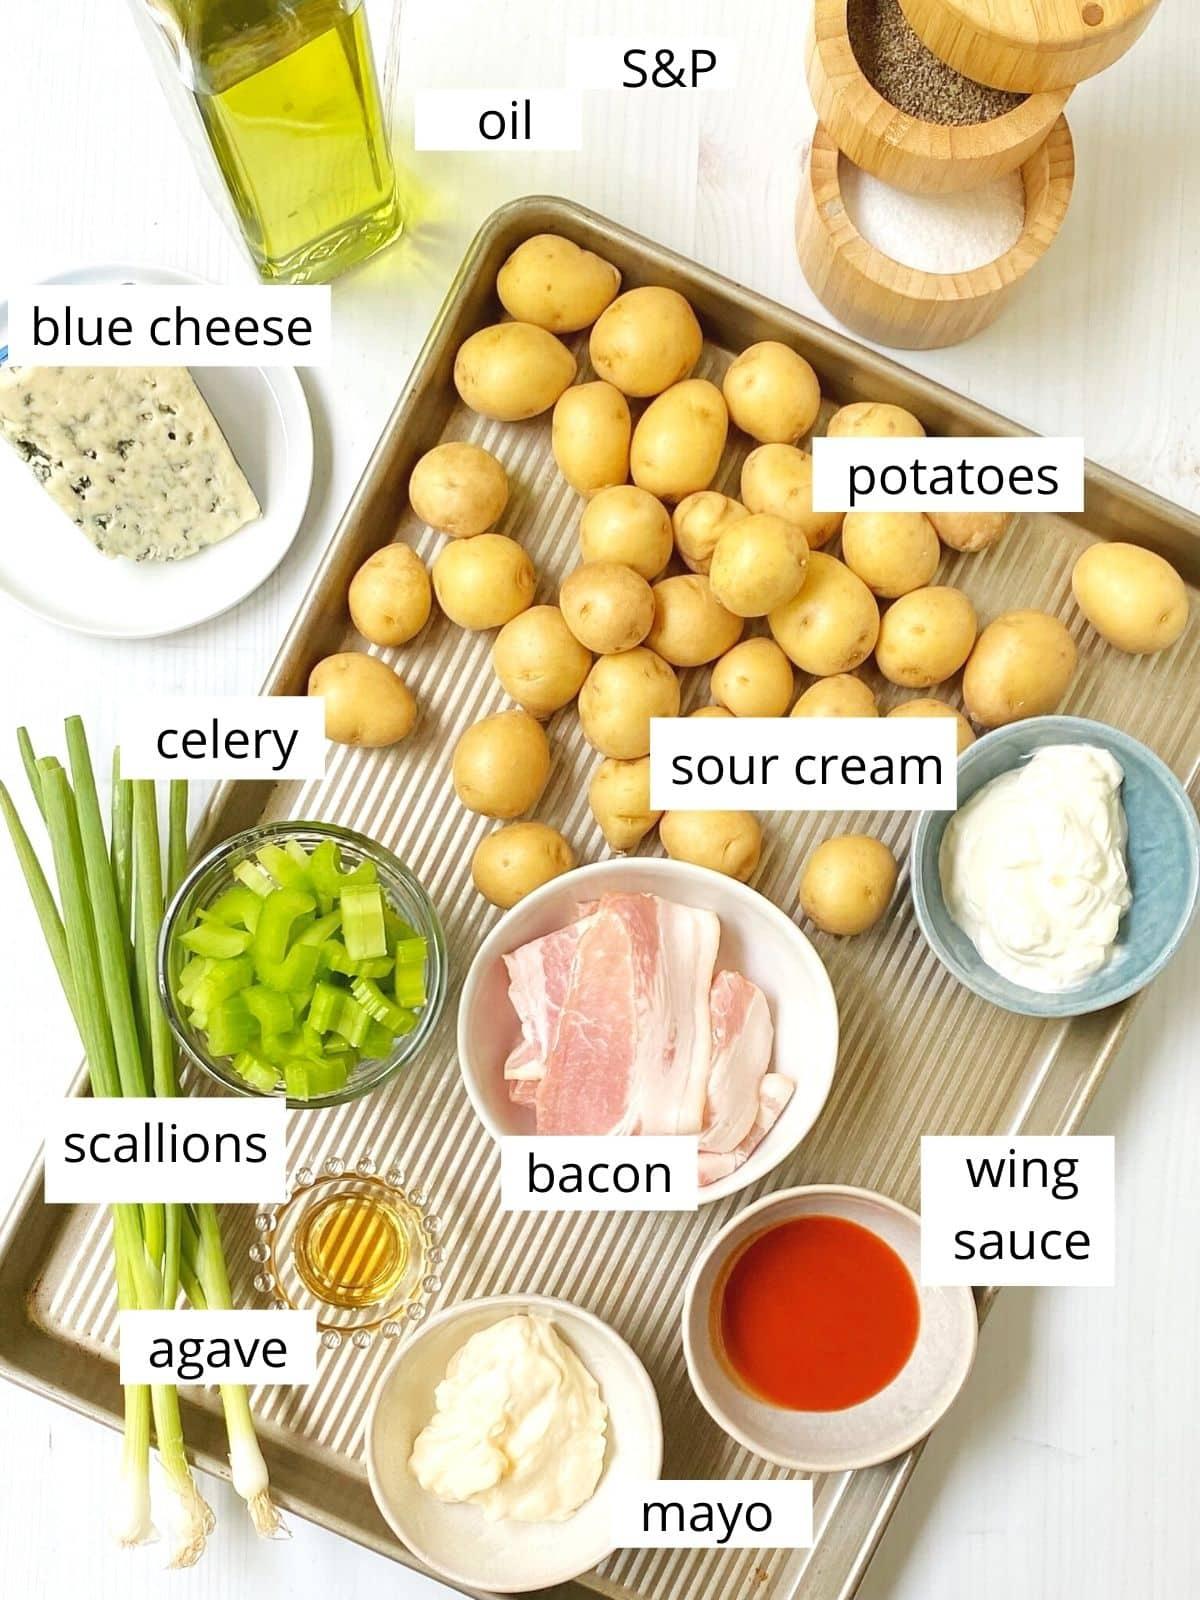 potato salad ingredients arranged on a sheet pan.